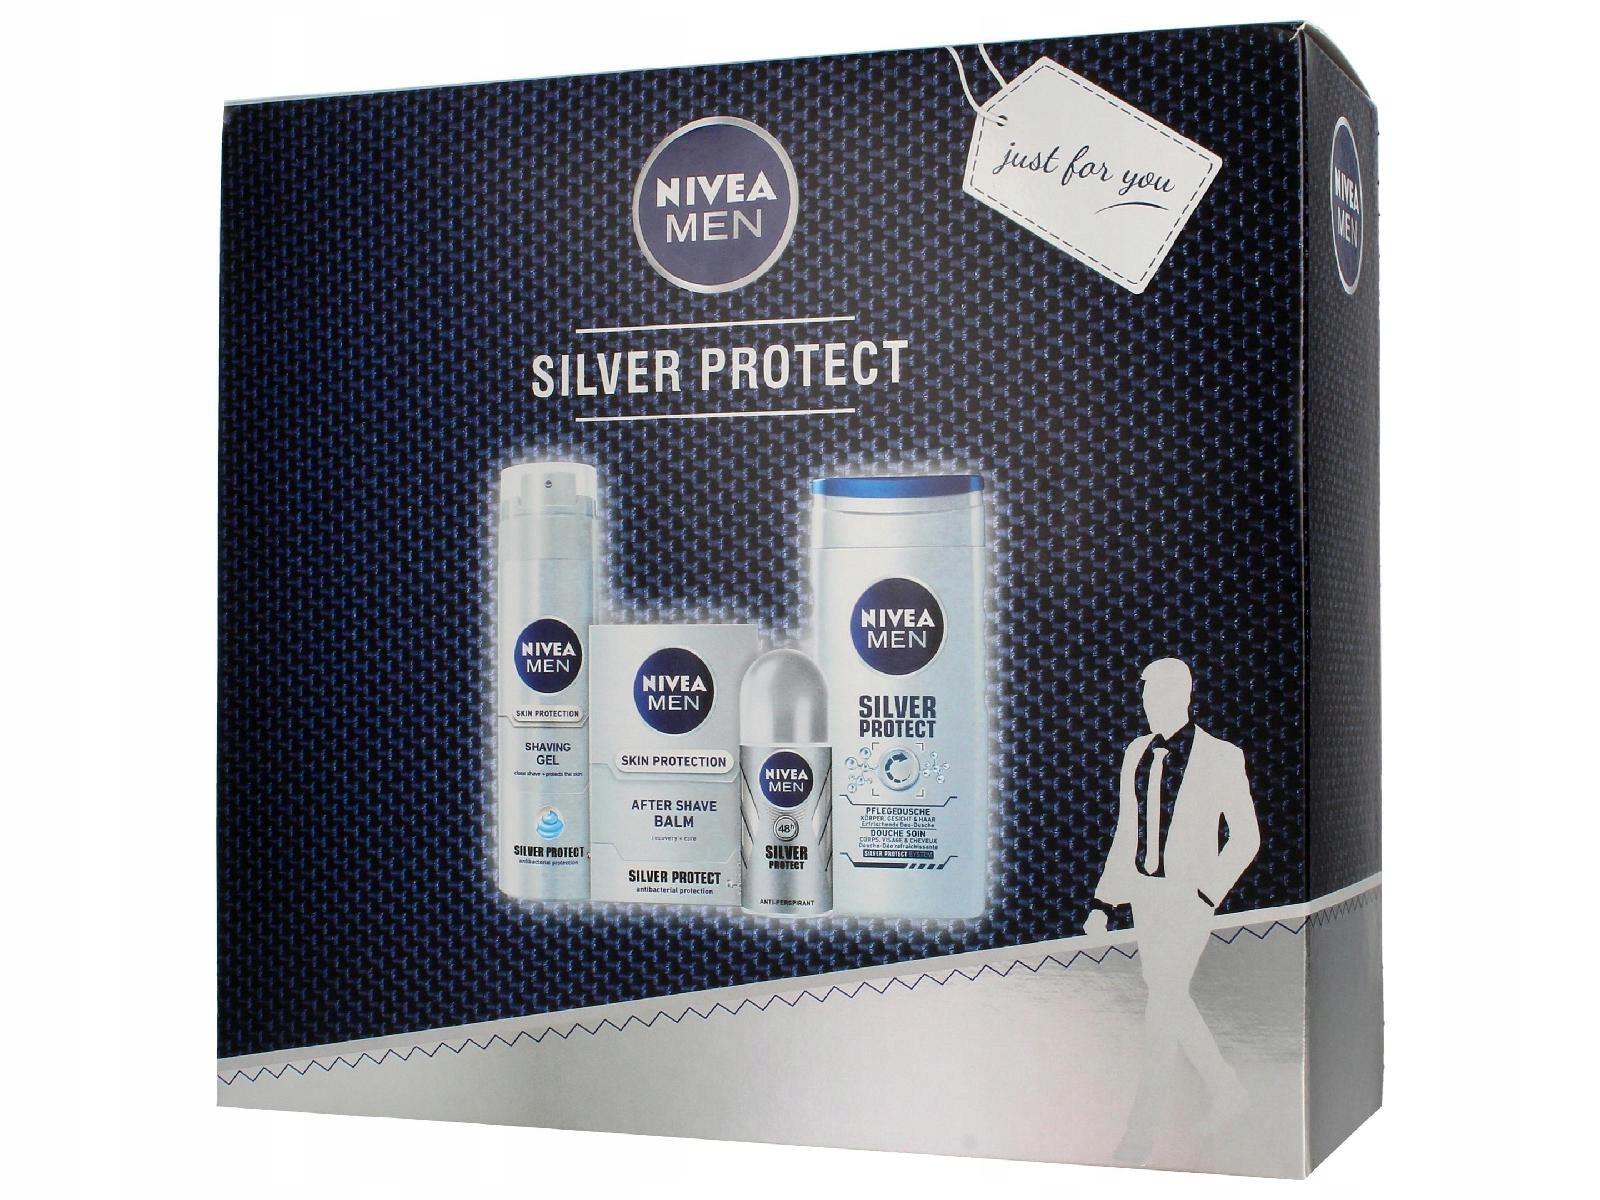 Nivea Zestaw prezentowy Men Silver Protect 50ml)